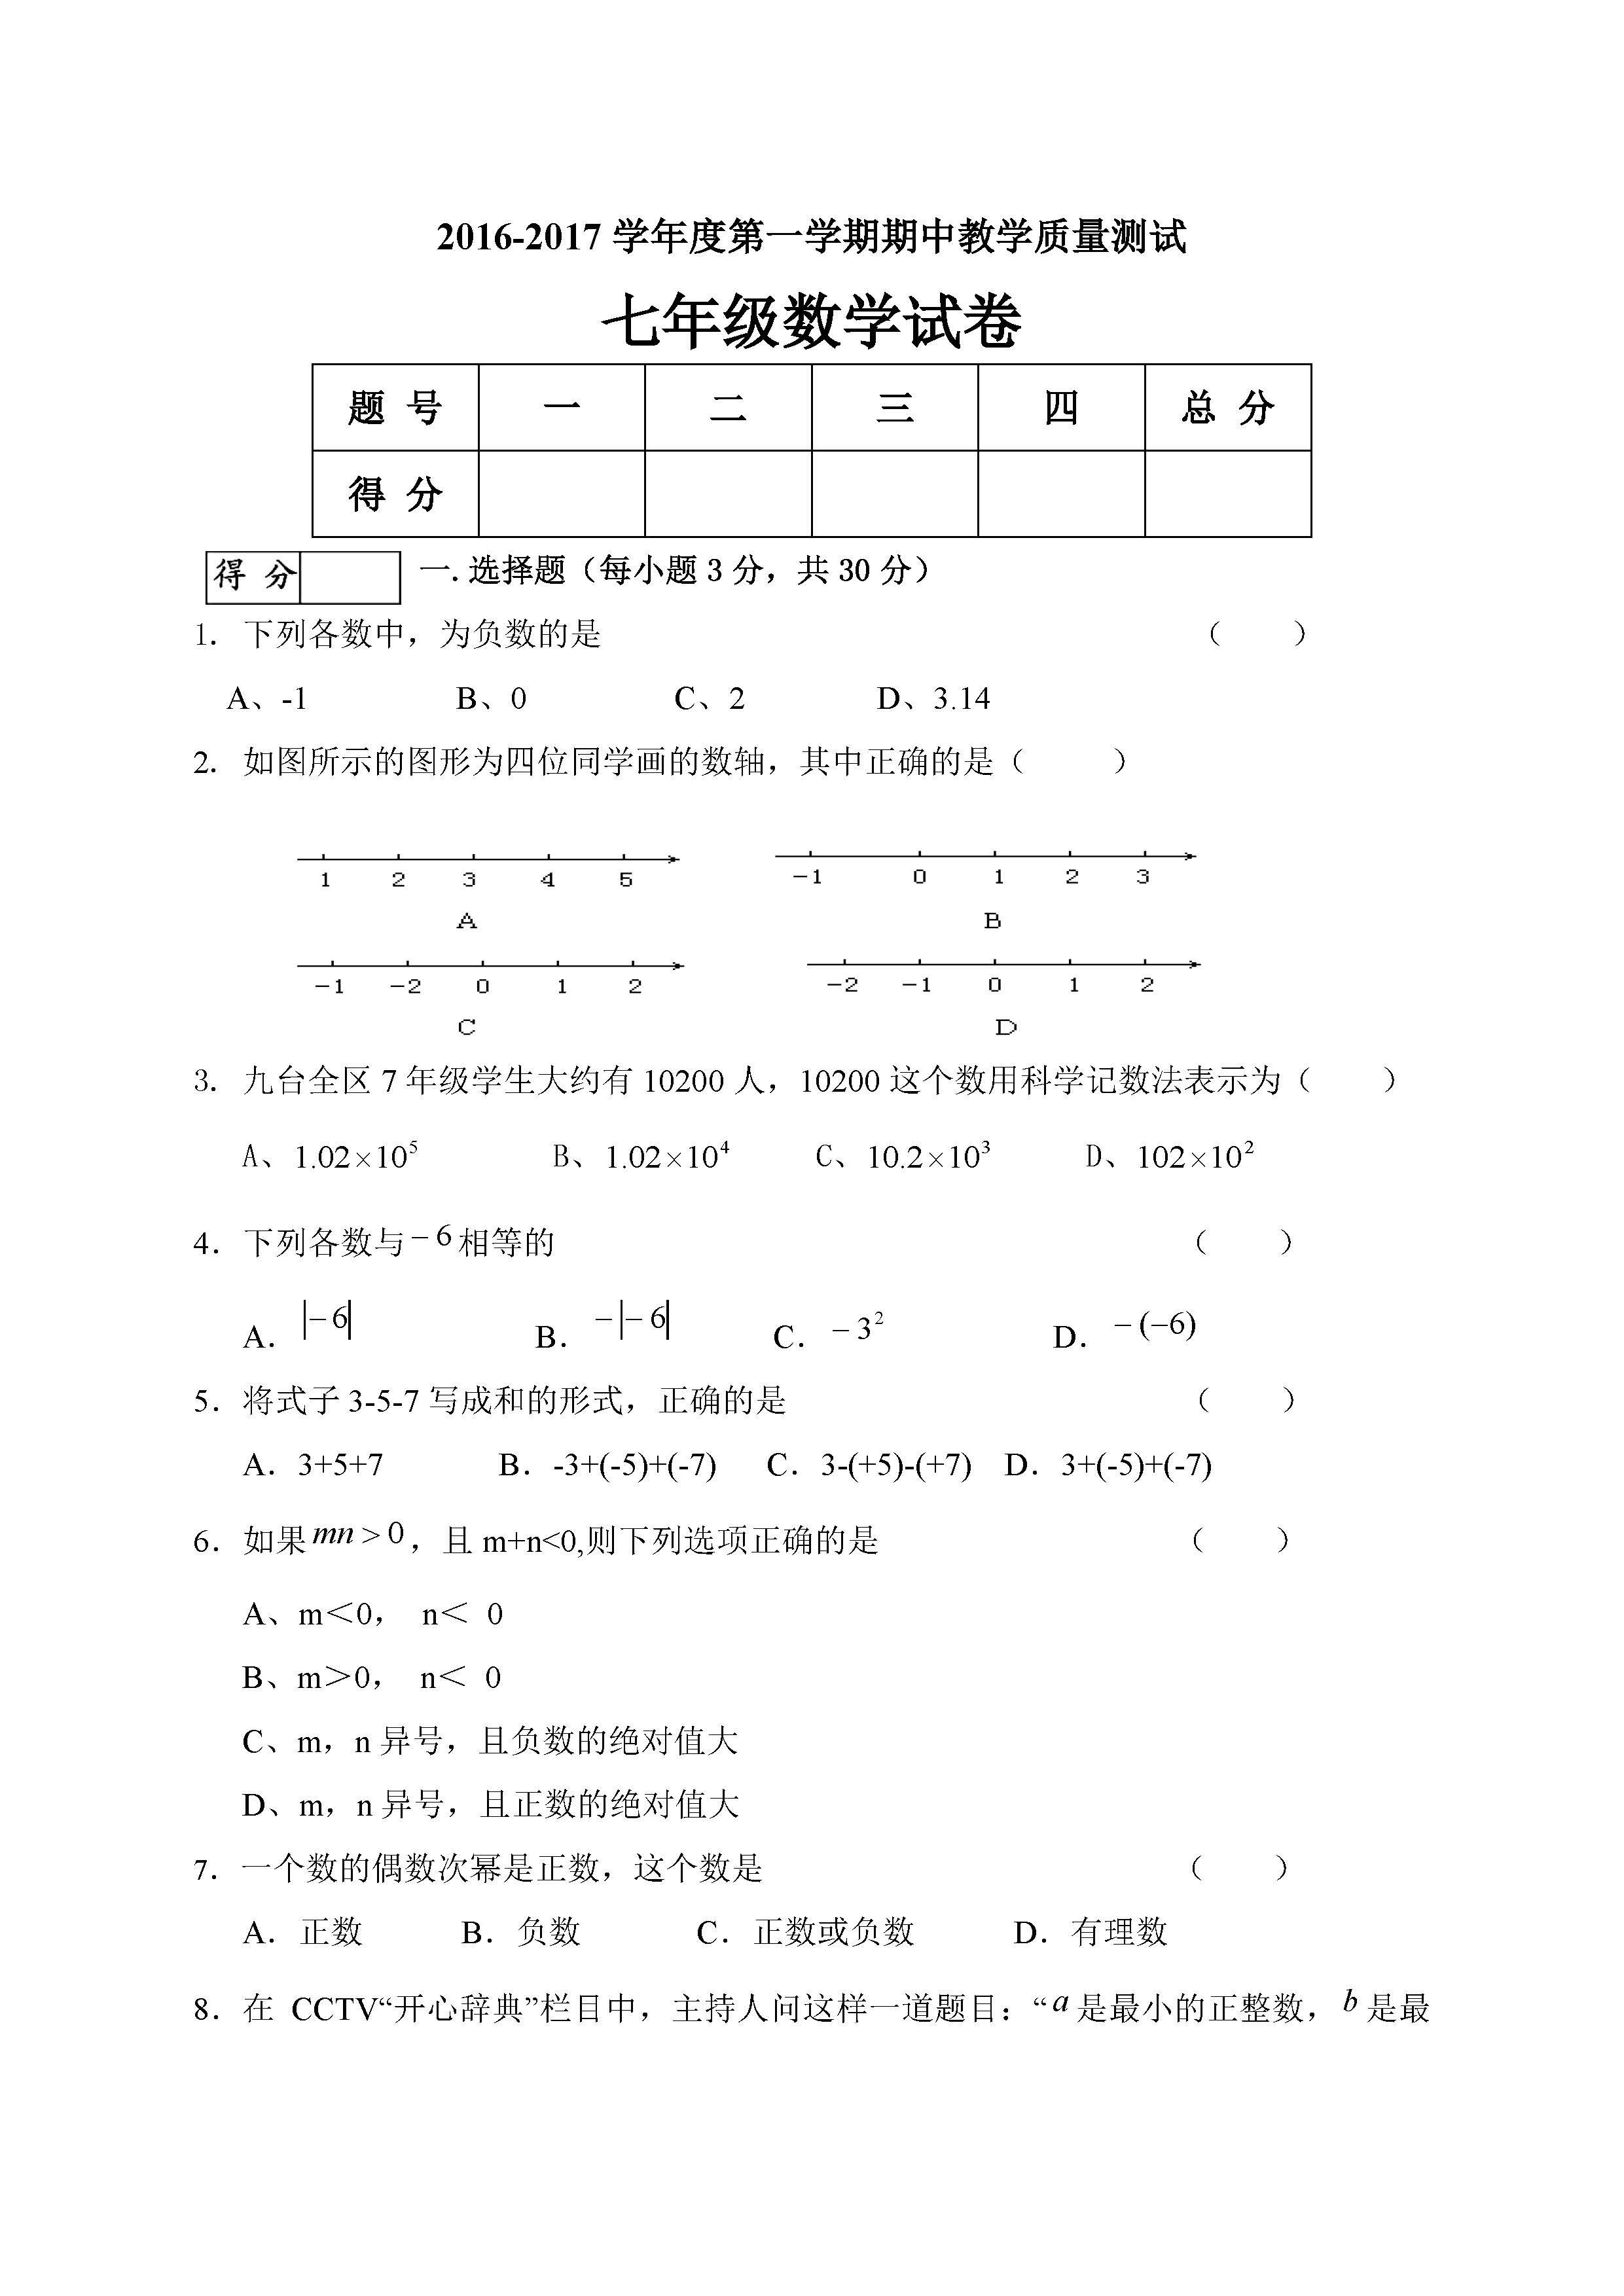 2016长春九台区七年级上期中数学质量检测试题(图片版)